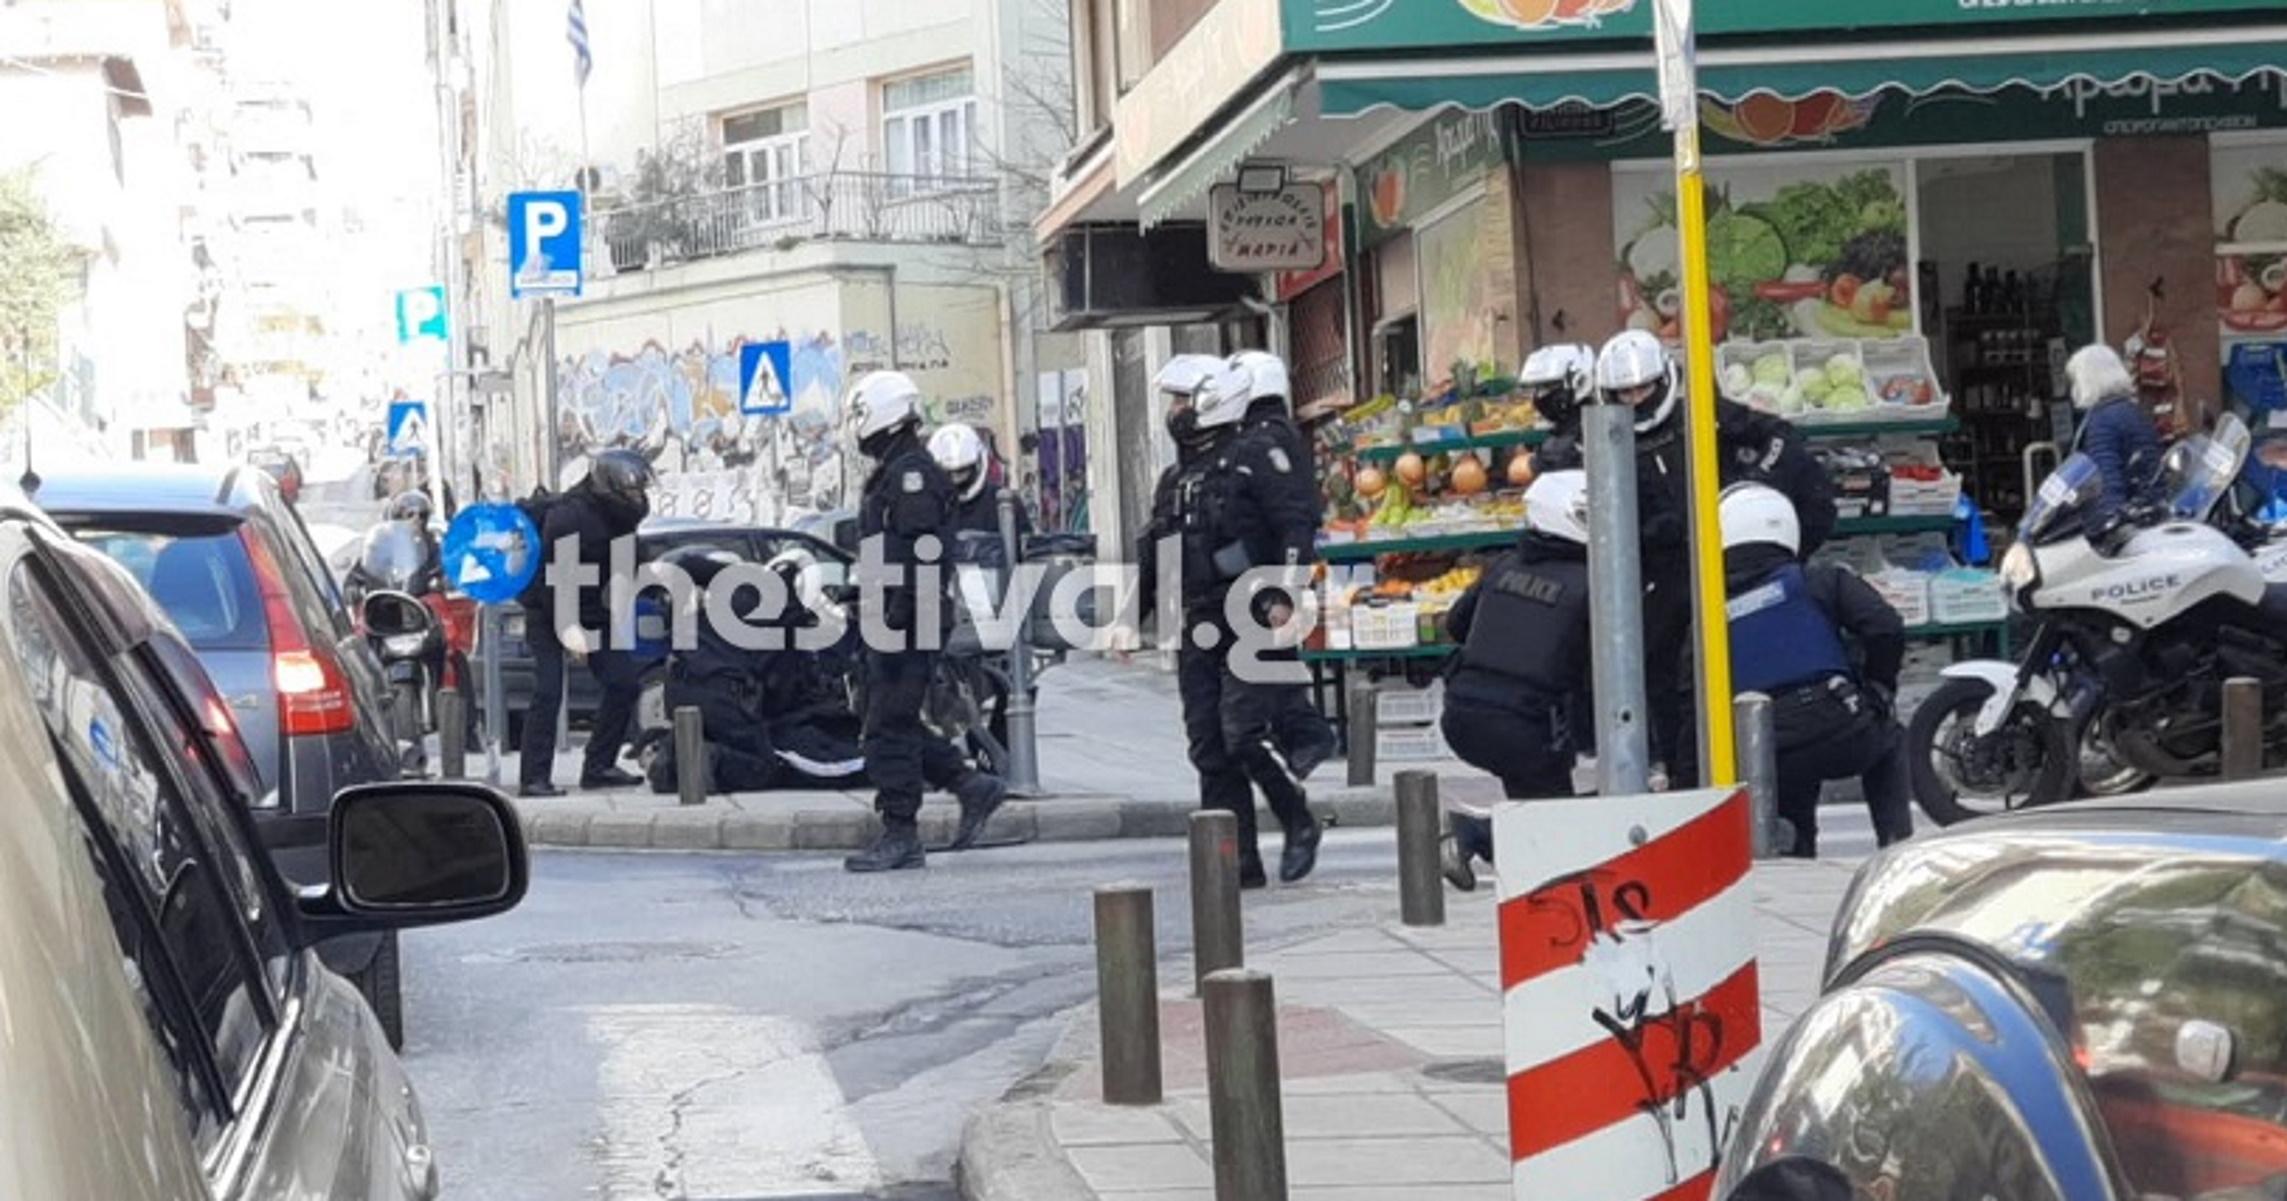 Θεσσαλονίκη: Επεισόδια και προσαγωγές στο περιθώριο του πανεκπαιδευτικού συλλαλητηρίου (pics, video)